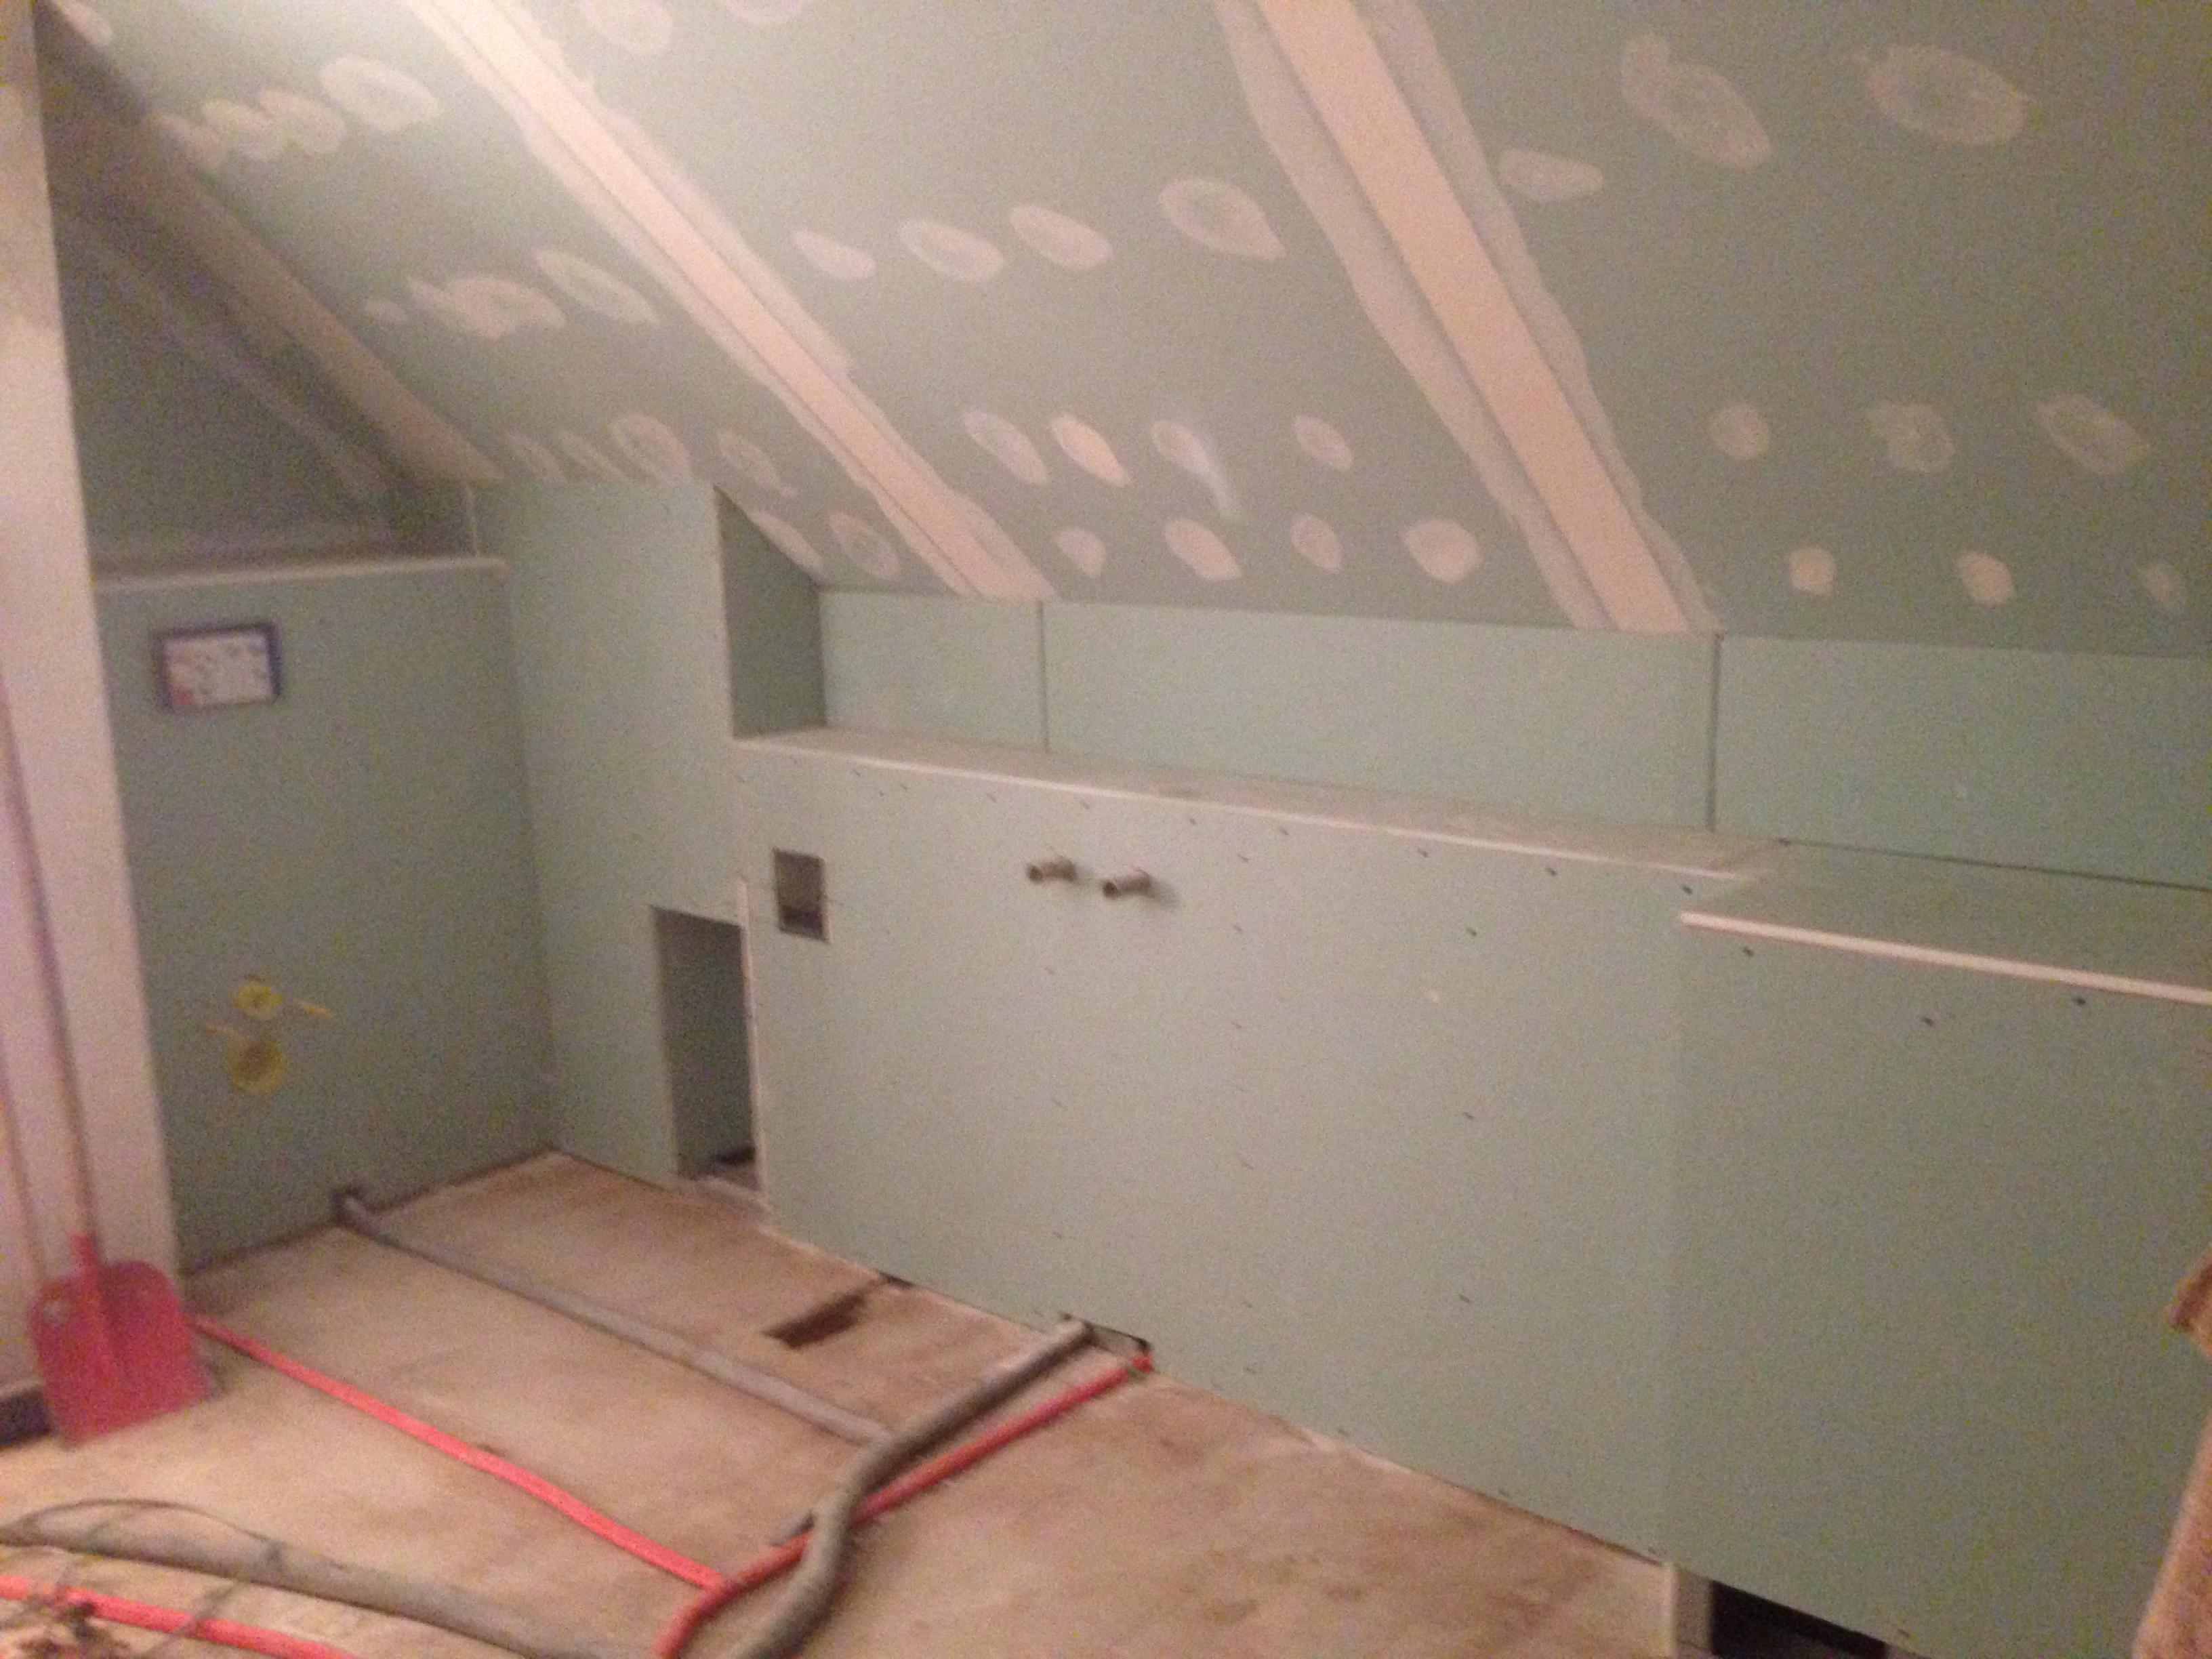 Designer Bad Im Galerie Appartement 70m2 Penthouse Zu Mieten #bad # Badezimmer #bullauge #